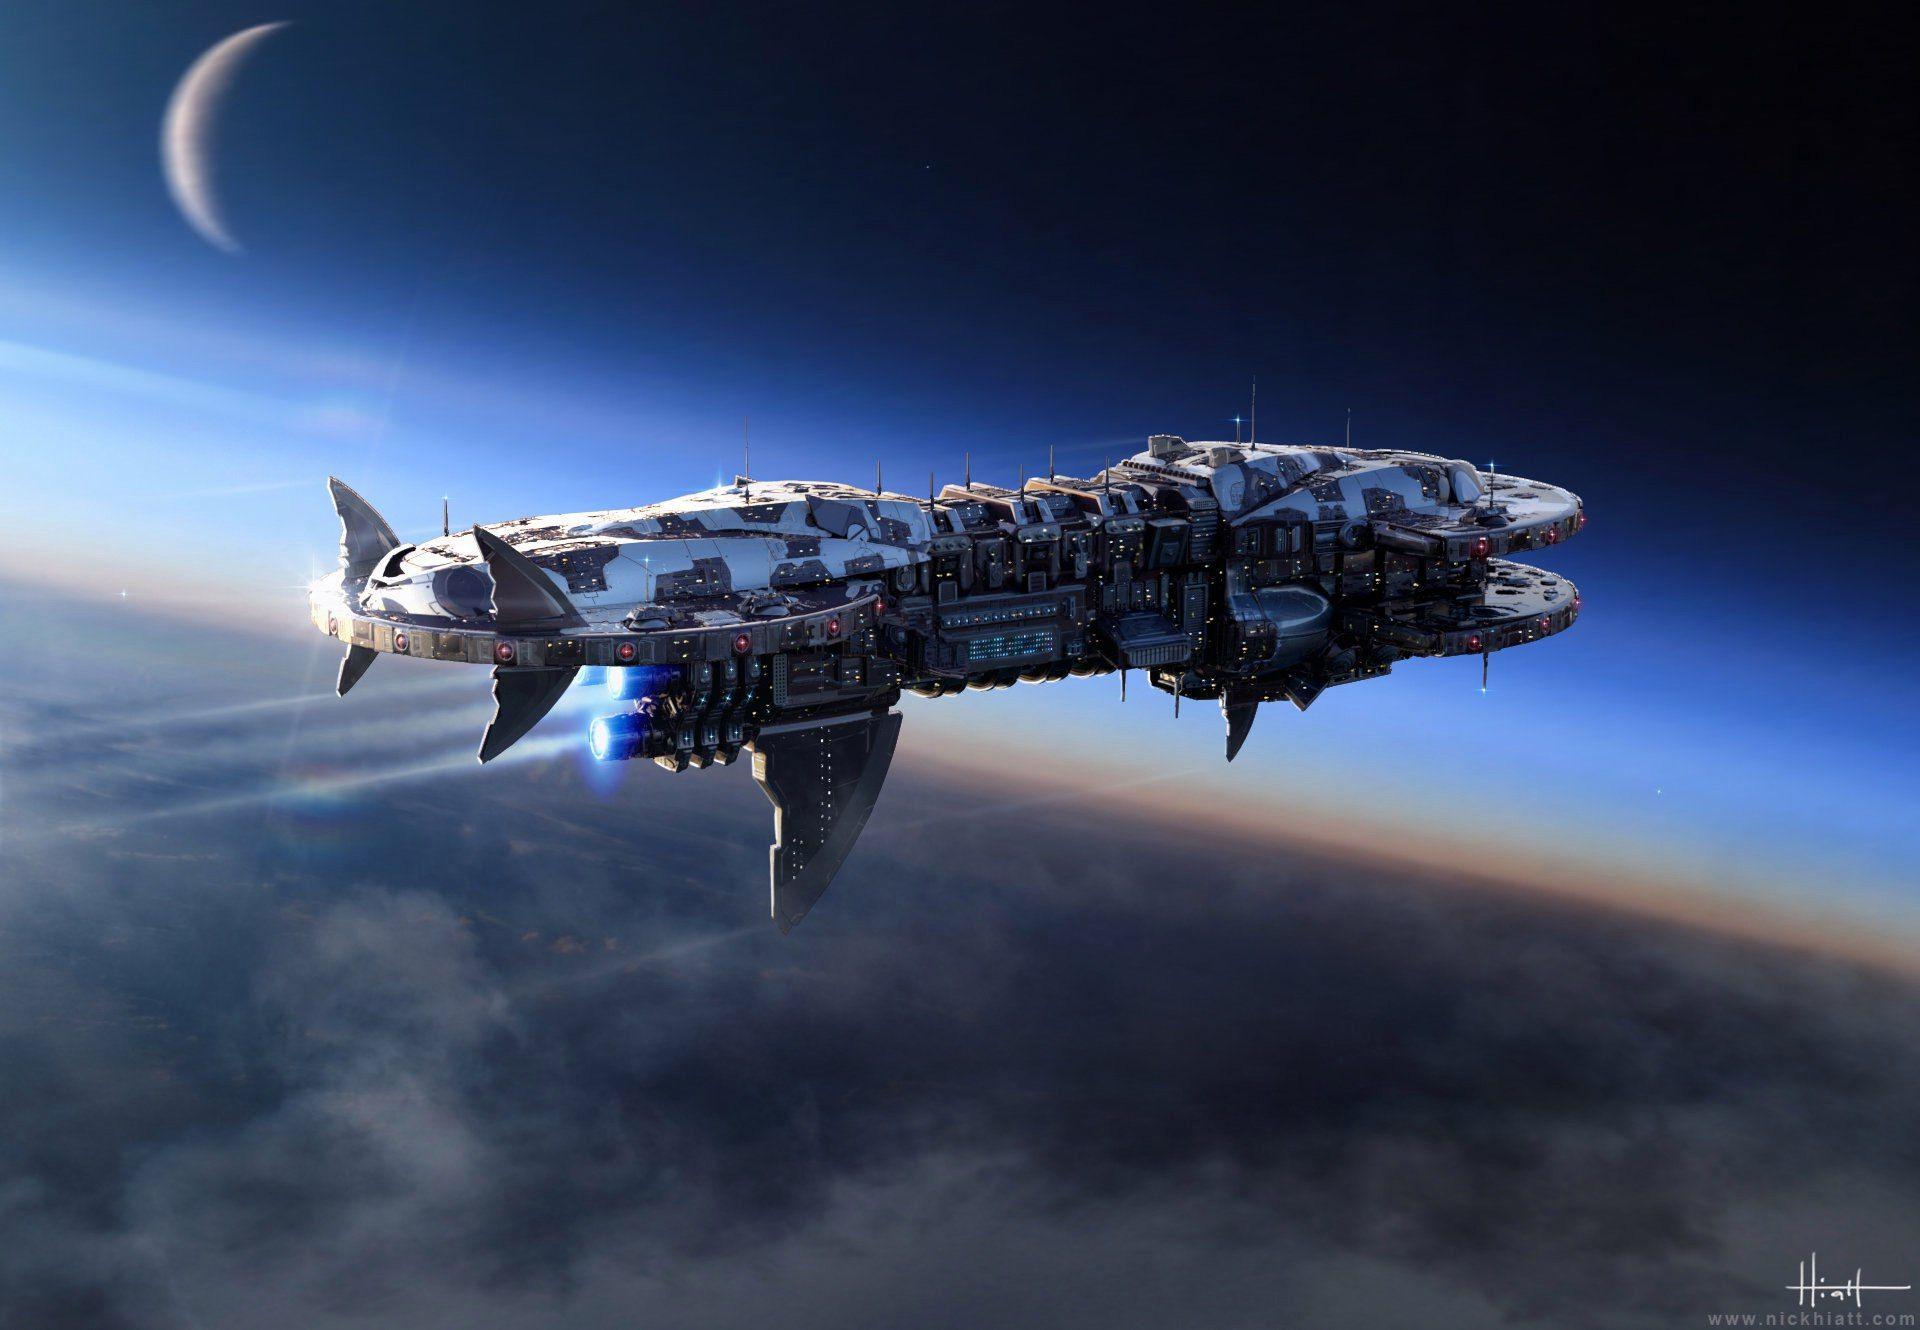 начинающие звездолеты космос картинки этом